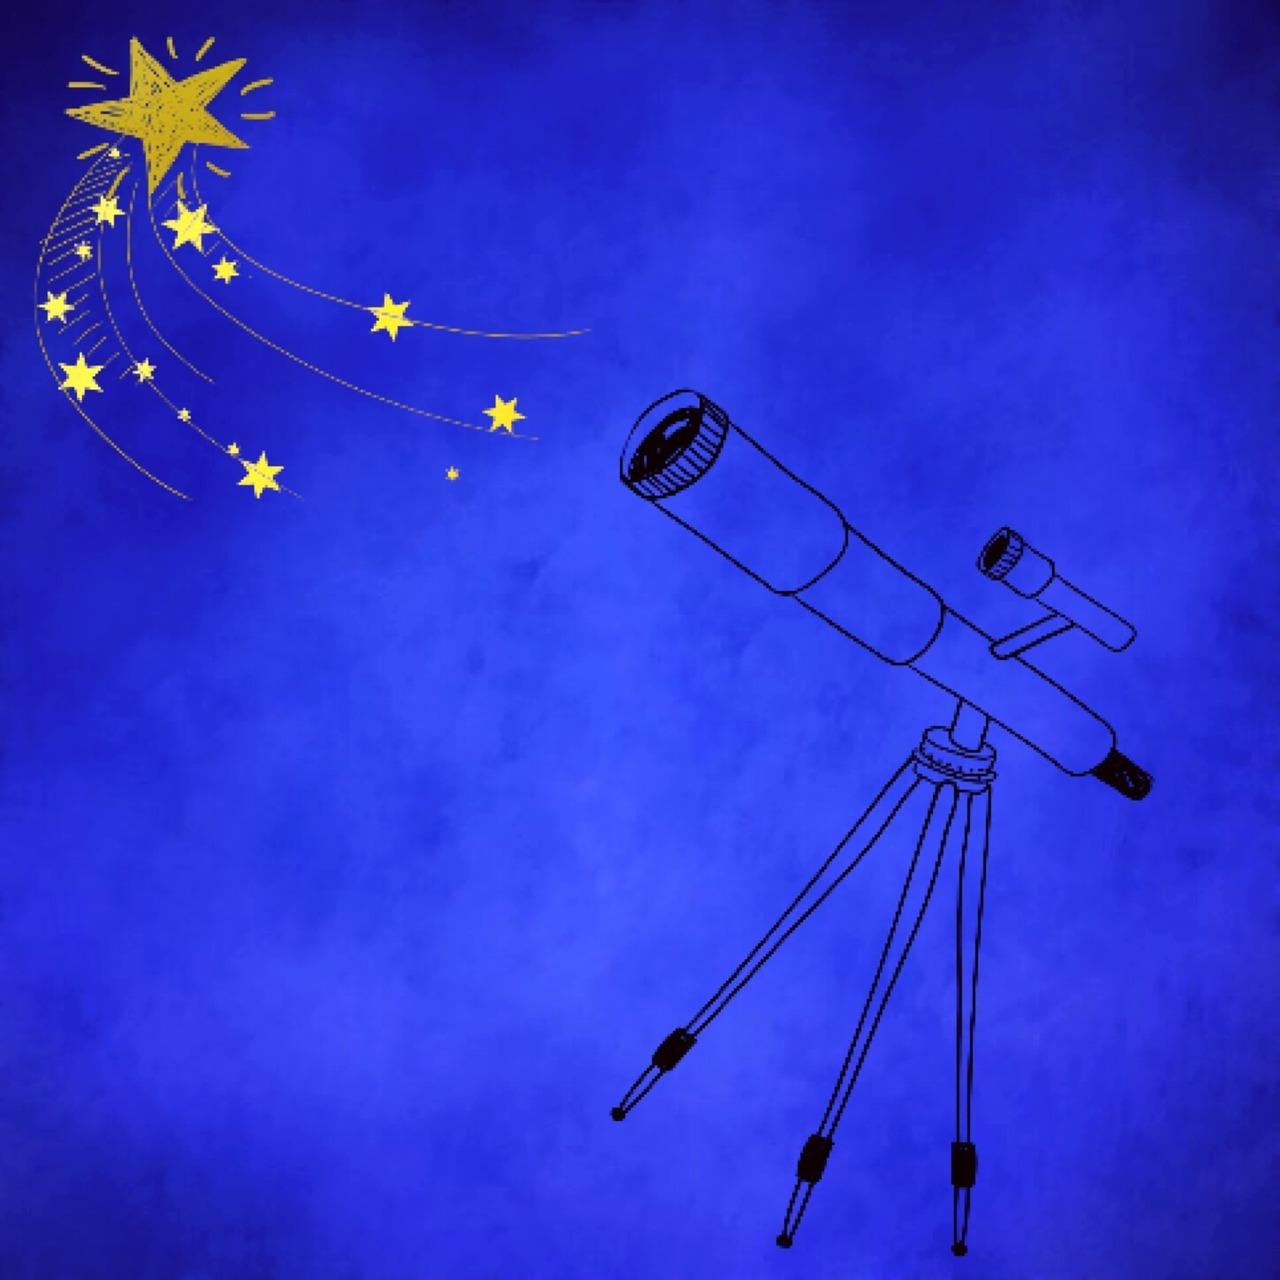 Картинка телескопа с звездным небом